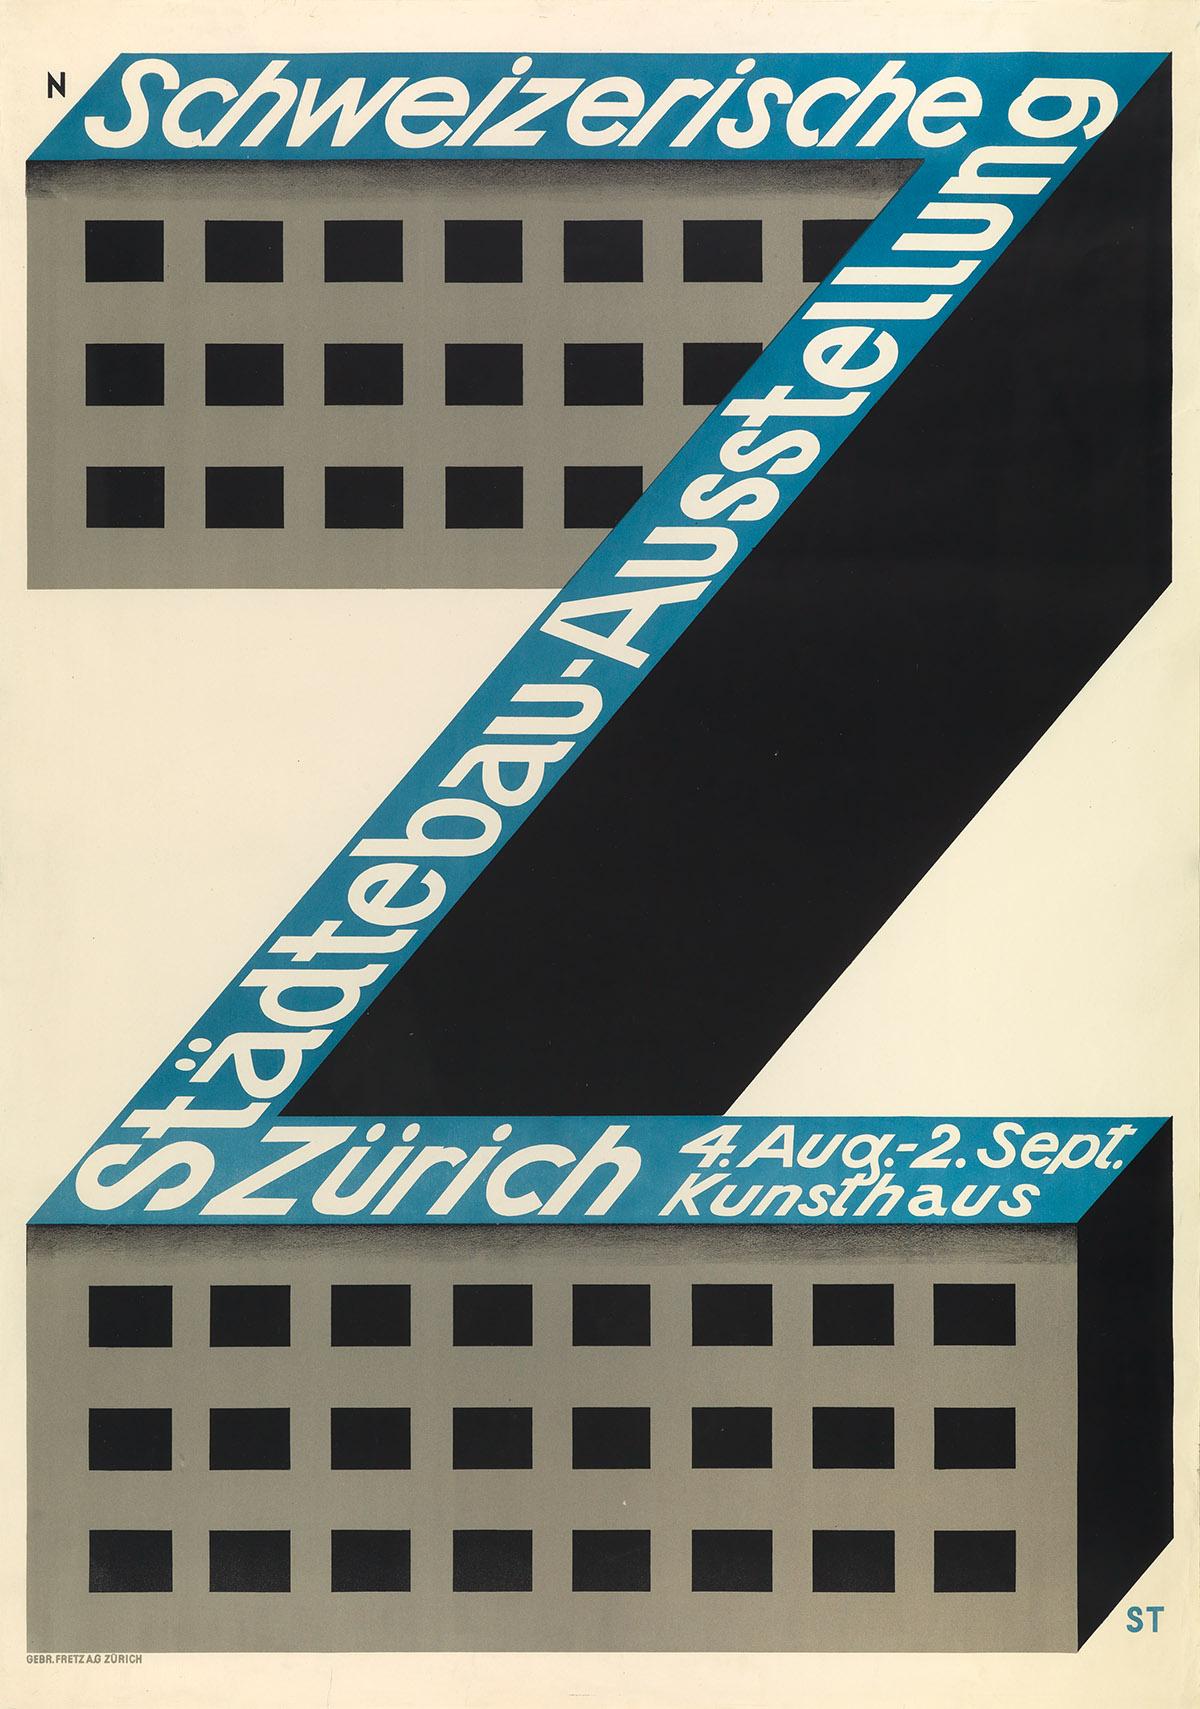 NIKLAUS STOECKLIN (1896-1982). SCHWEIZERISCHE STÄDTEBAU - AÜSSTELLUNG ZÜRICH. 1928. 50x35 inches, 128x90 cm. Gebr. Fretz, Zurich.